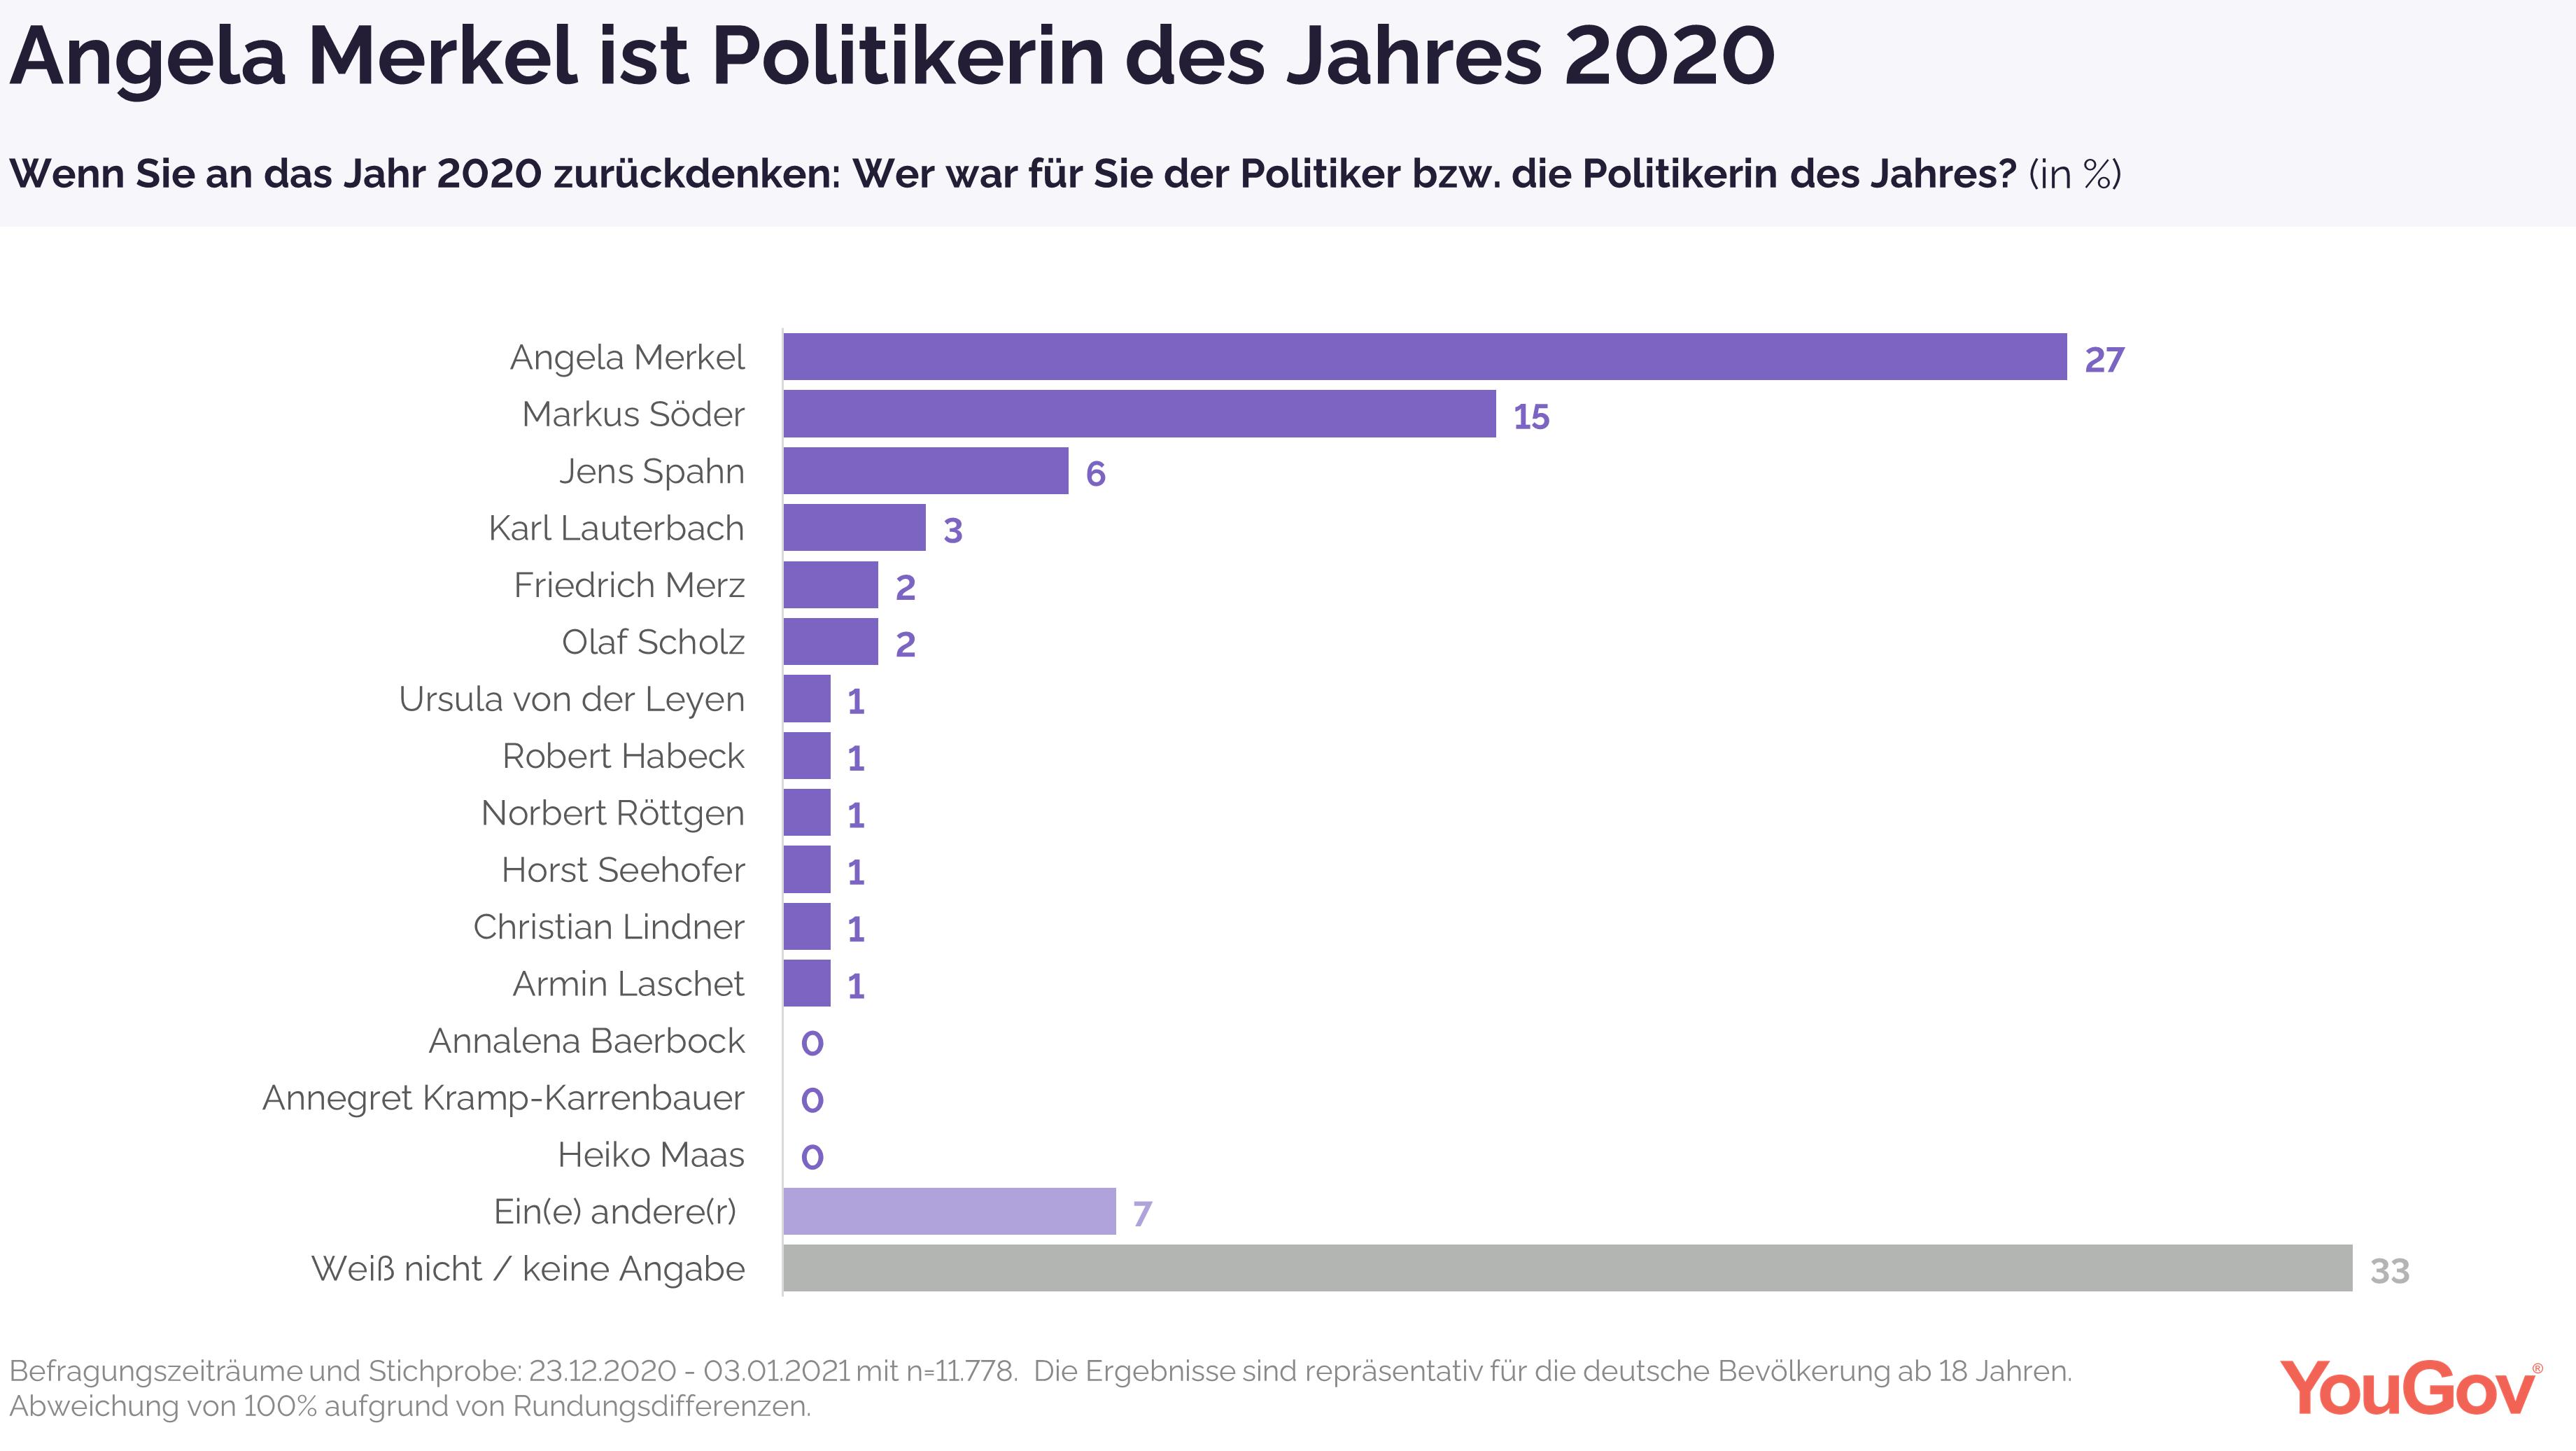 Angela Merkel ist Politikerin des Jahres